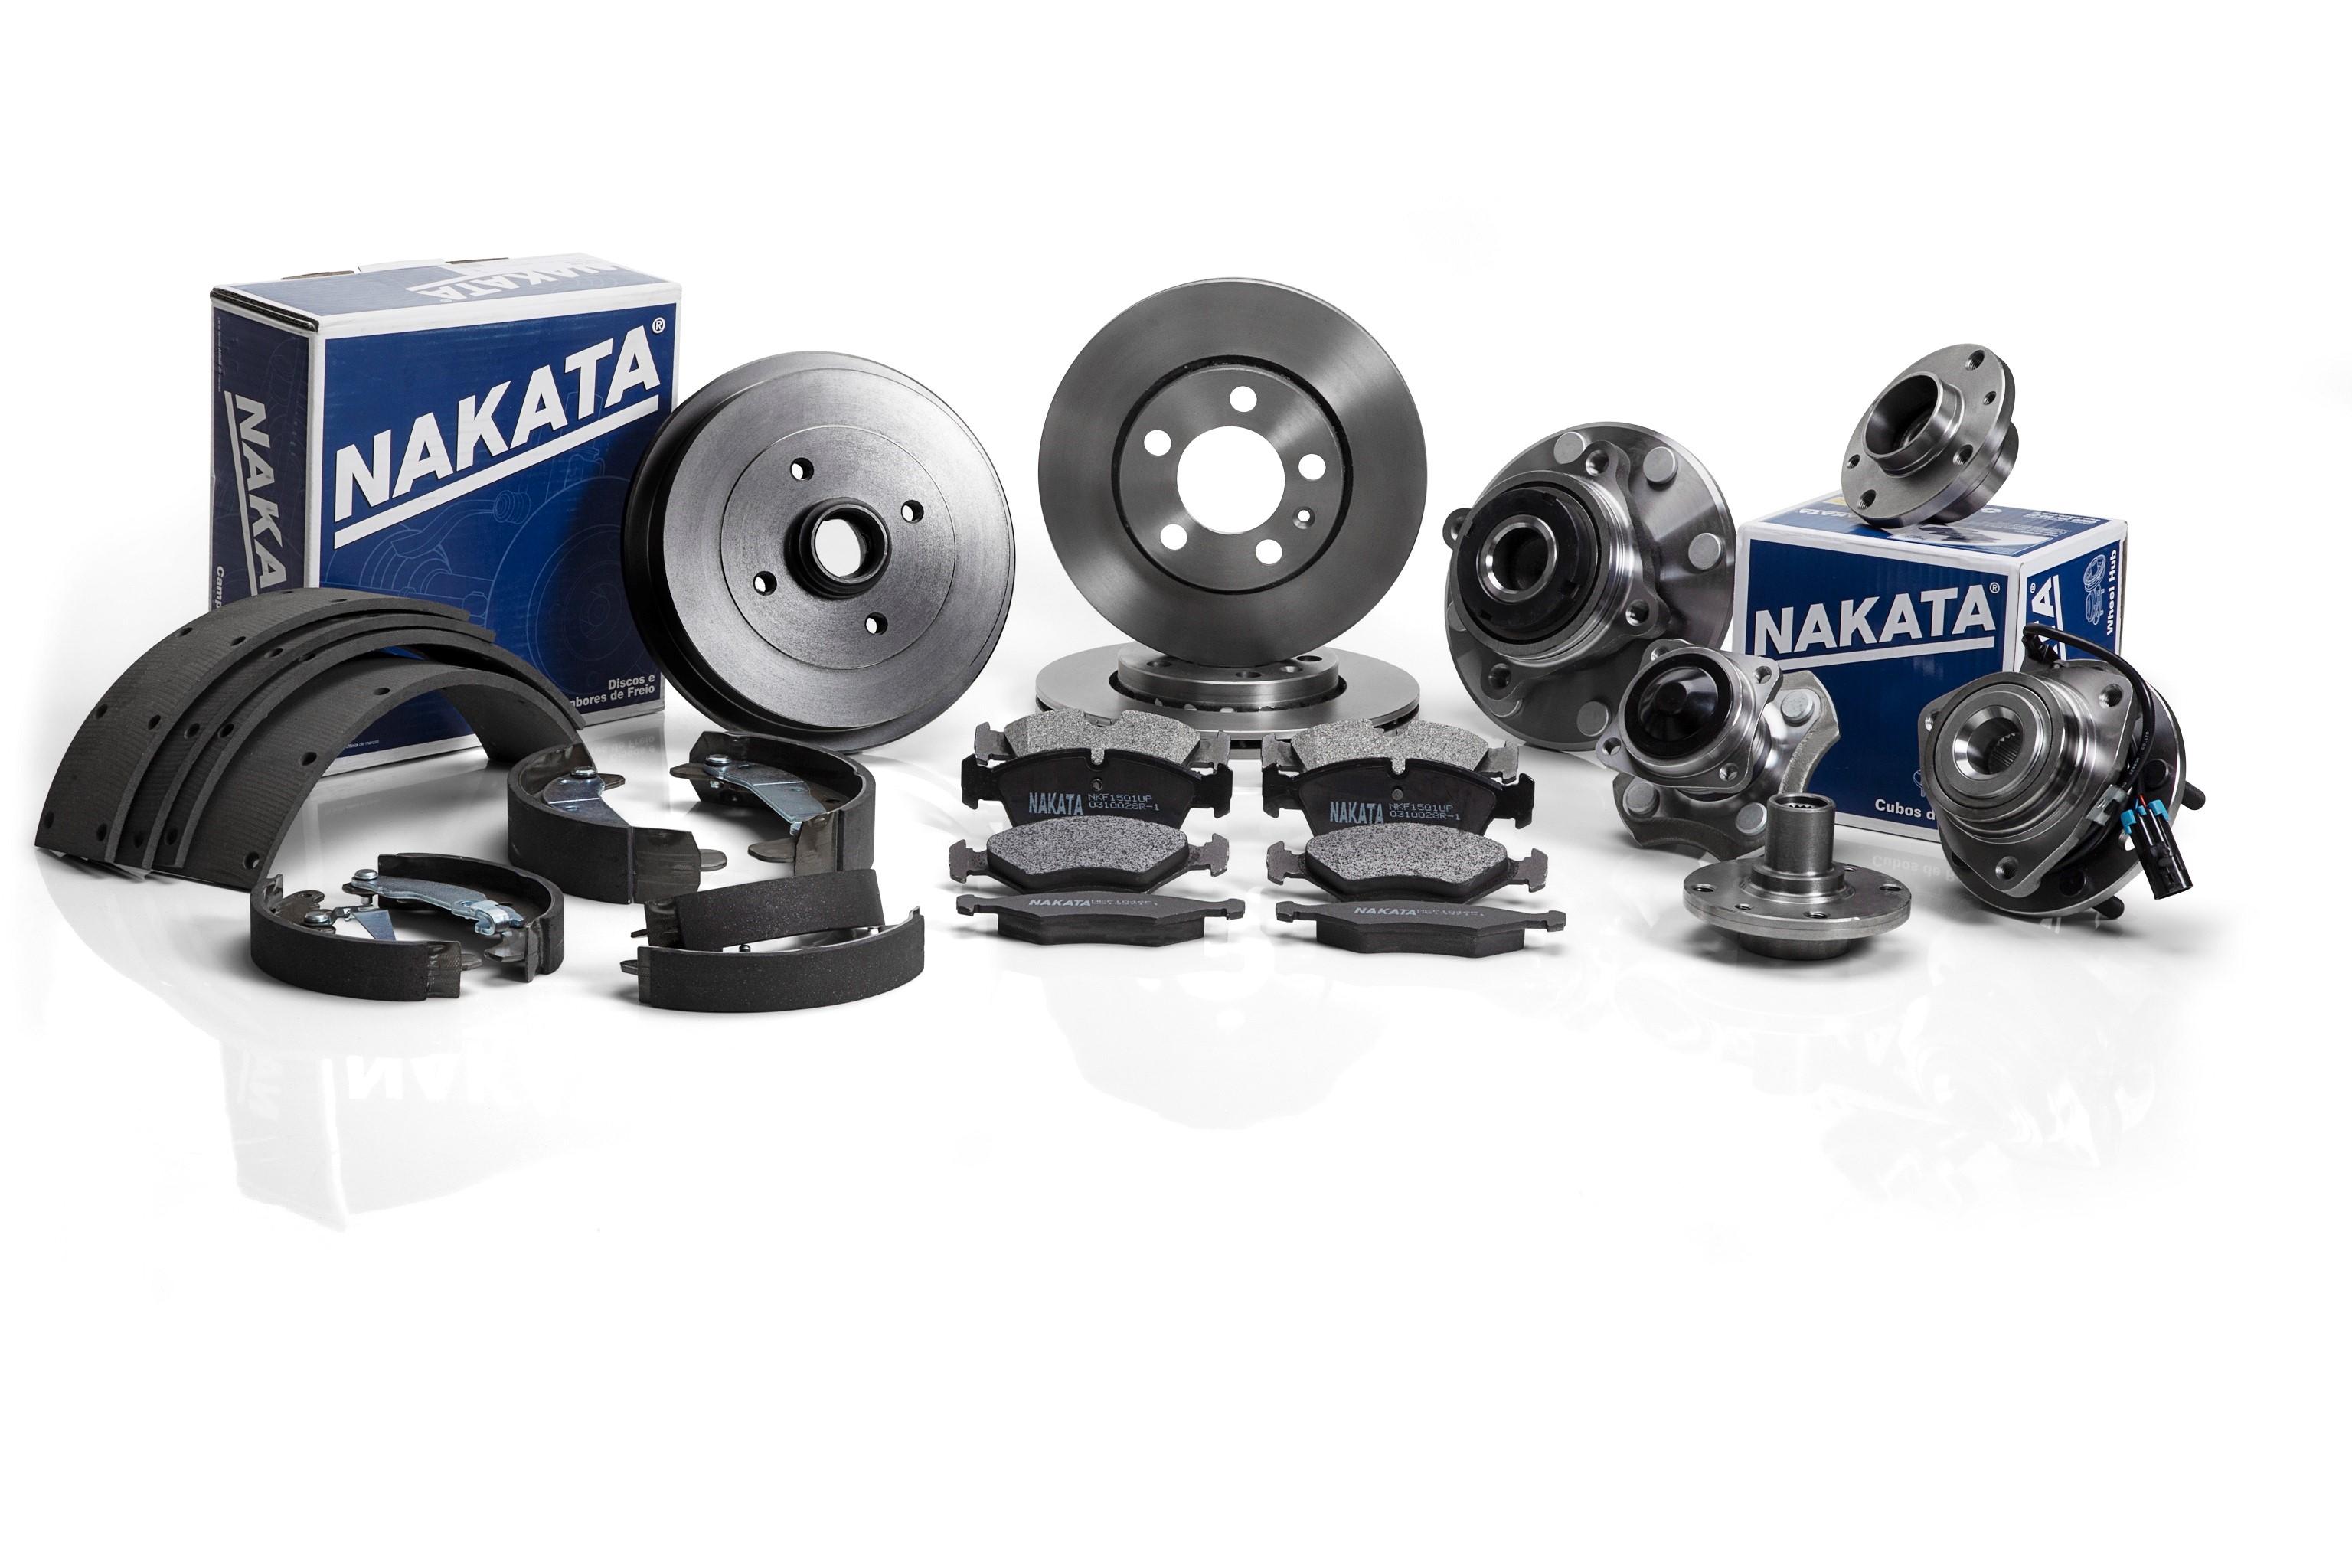 Nakata lança sapatas de freio para veículos da GM, Peugeot, Citroën, Honda e Renault